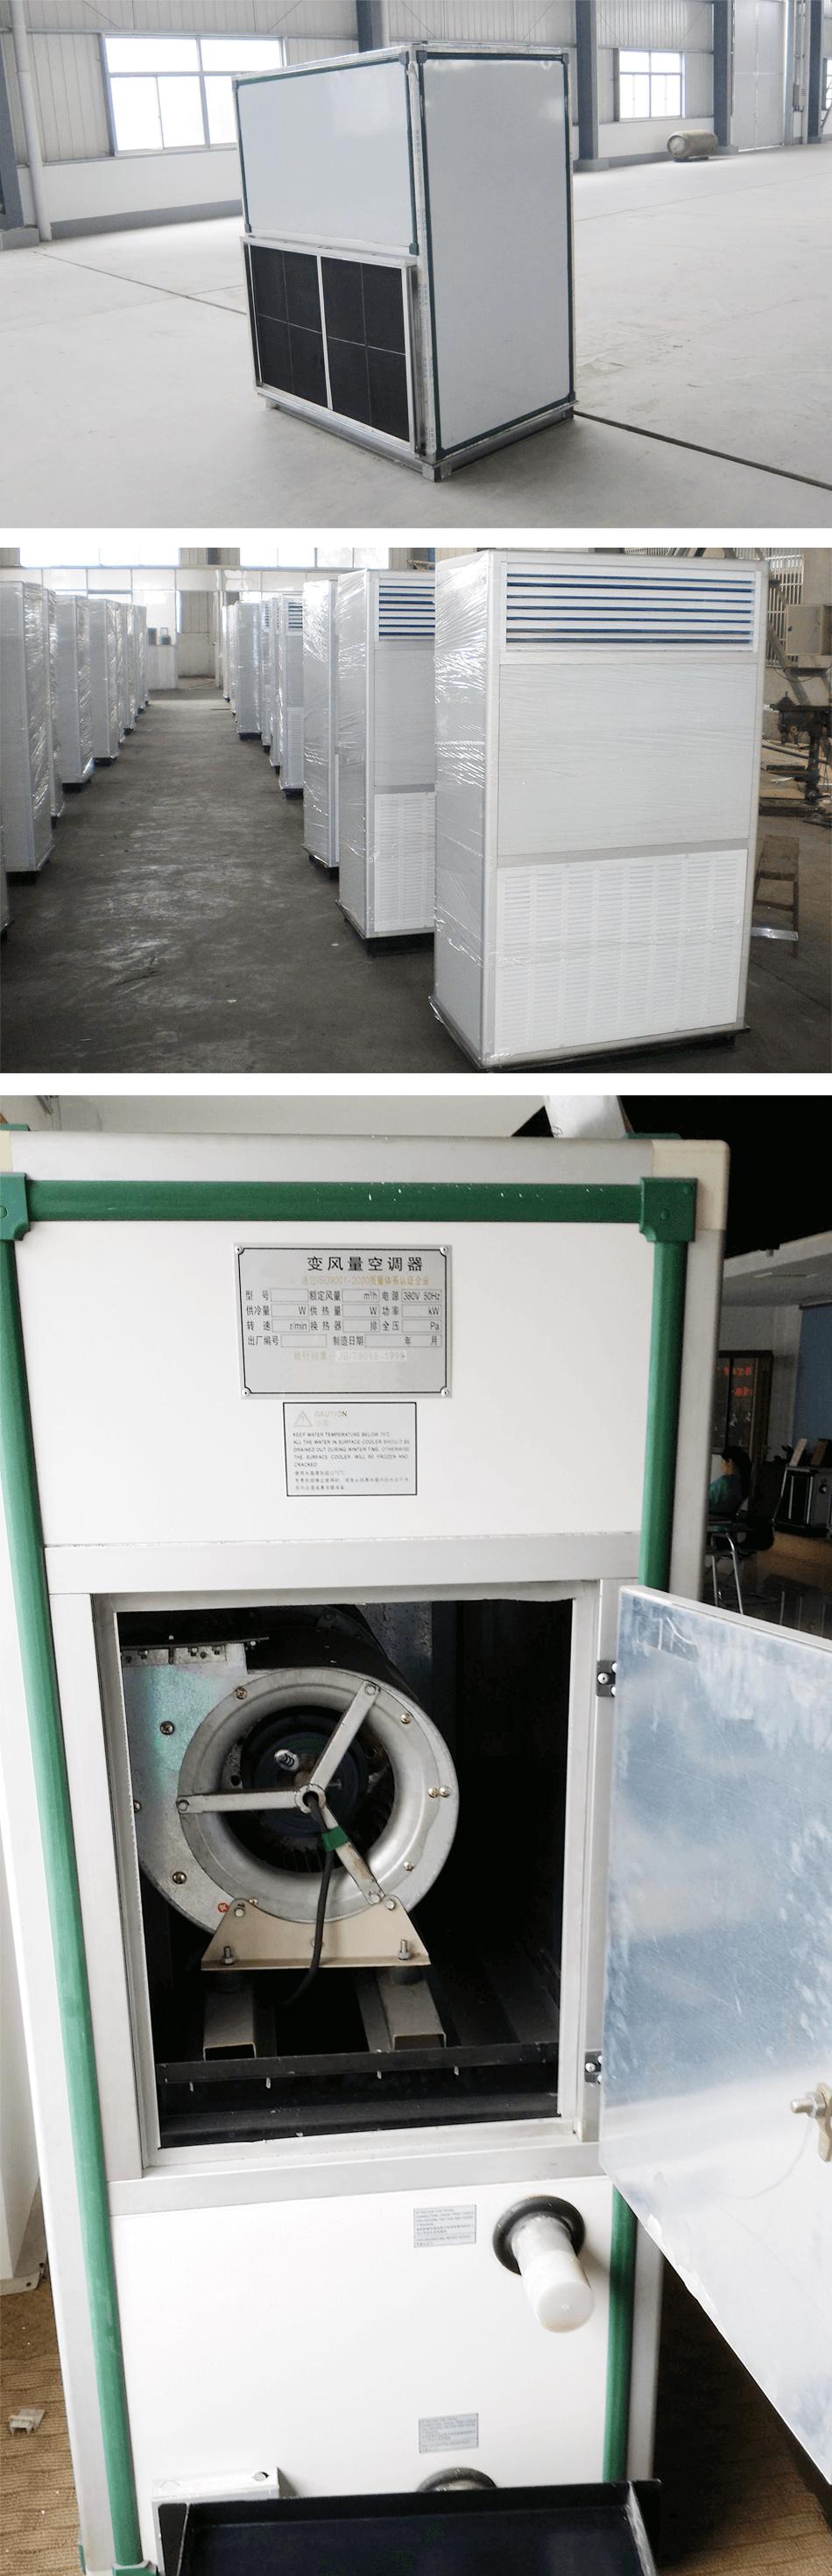 立式空调机组产品实拍.png